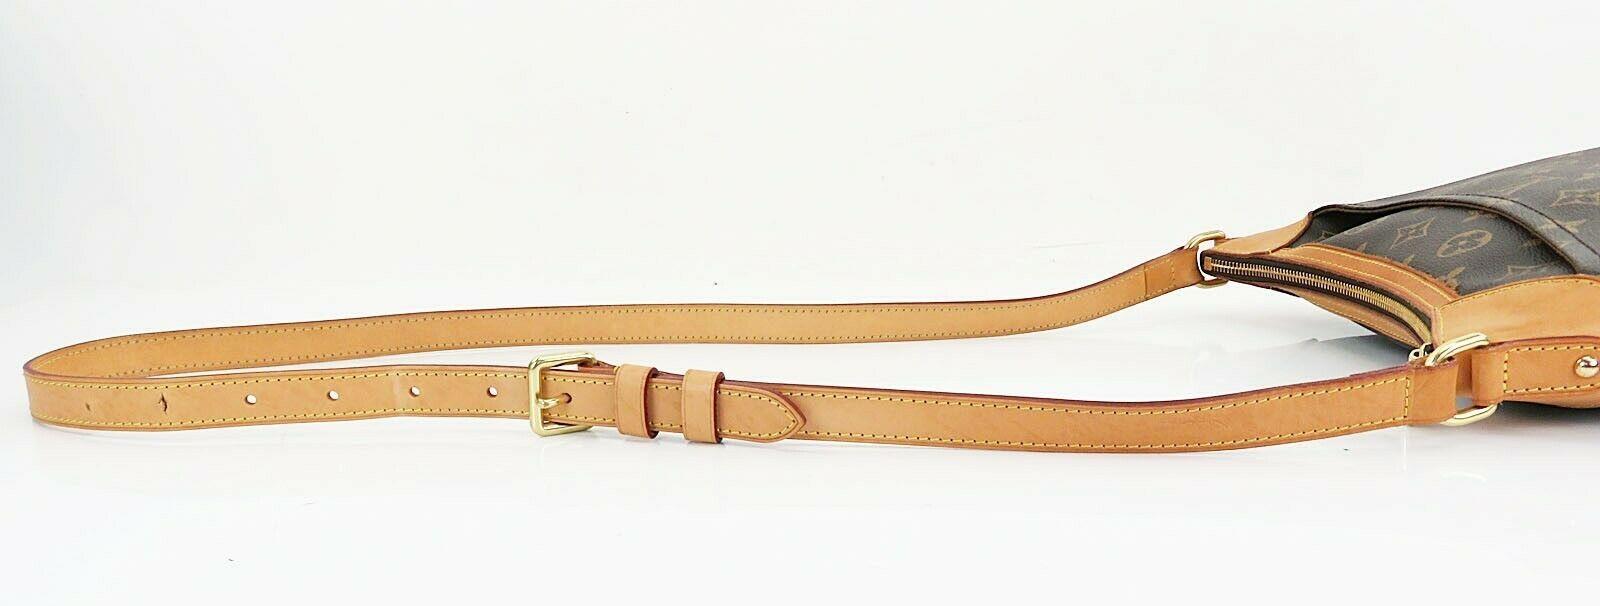 Authentic LOUIS VUITTON Odeon PM Monogram Shoulder Tote Bag Purse #32145 image 8